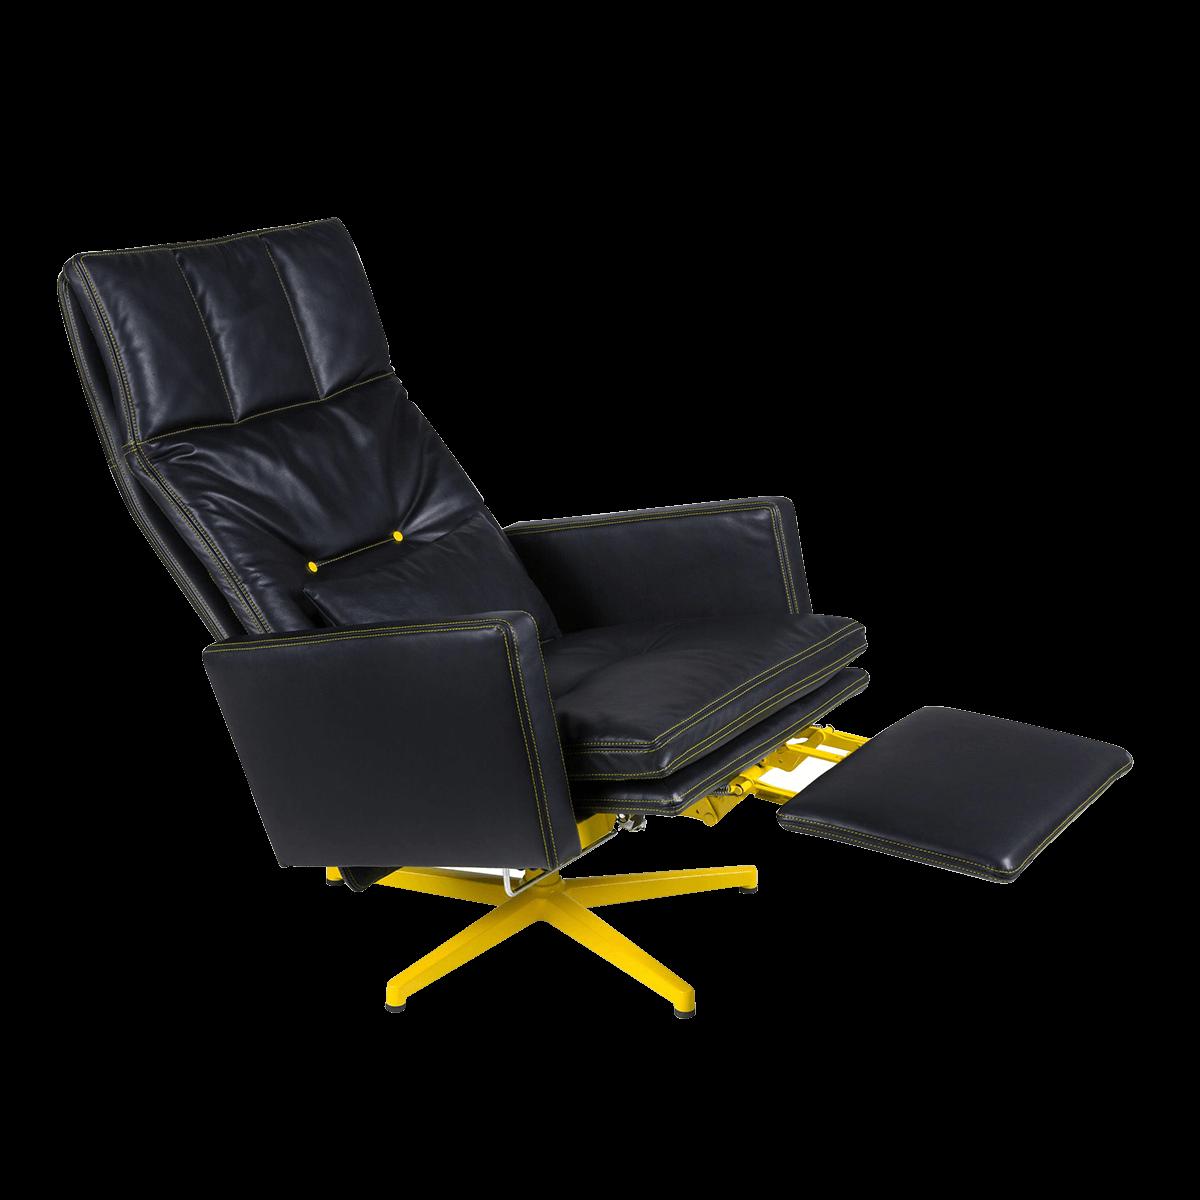 Moooi  40 Winks 扶手椅